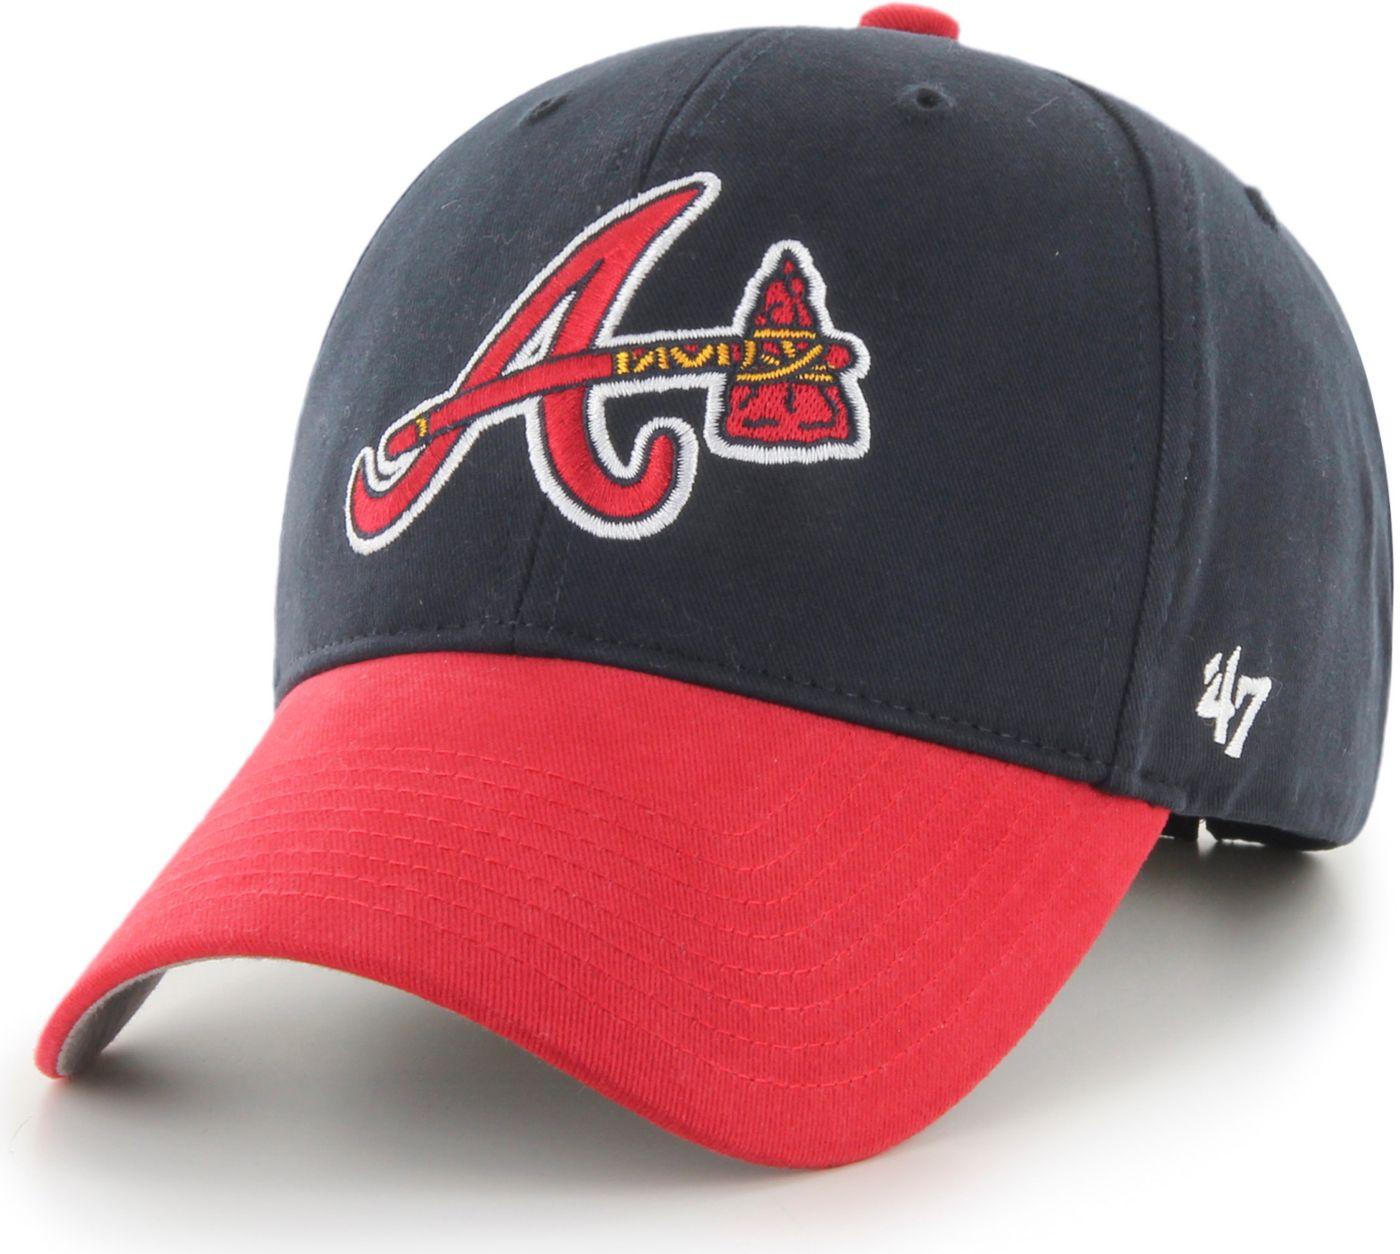 '47 Youth Atlanta Braves Basic Navy Adjustable Hat